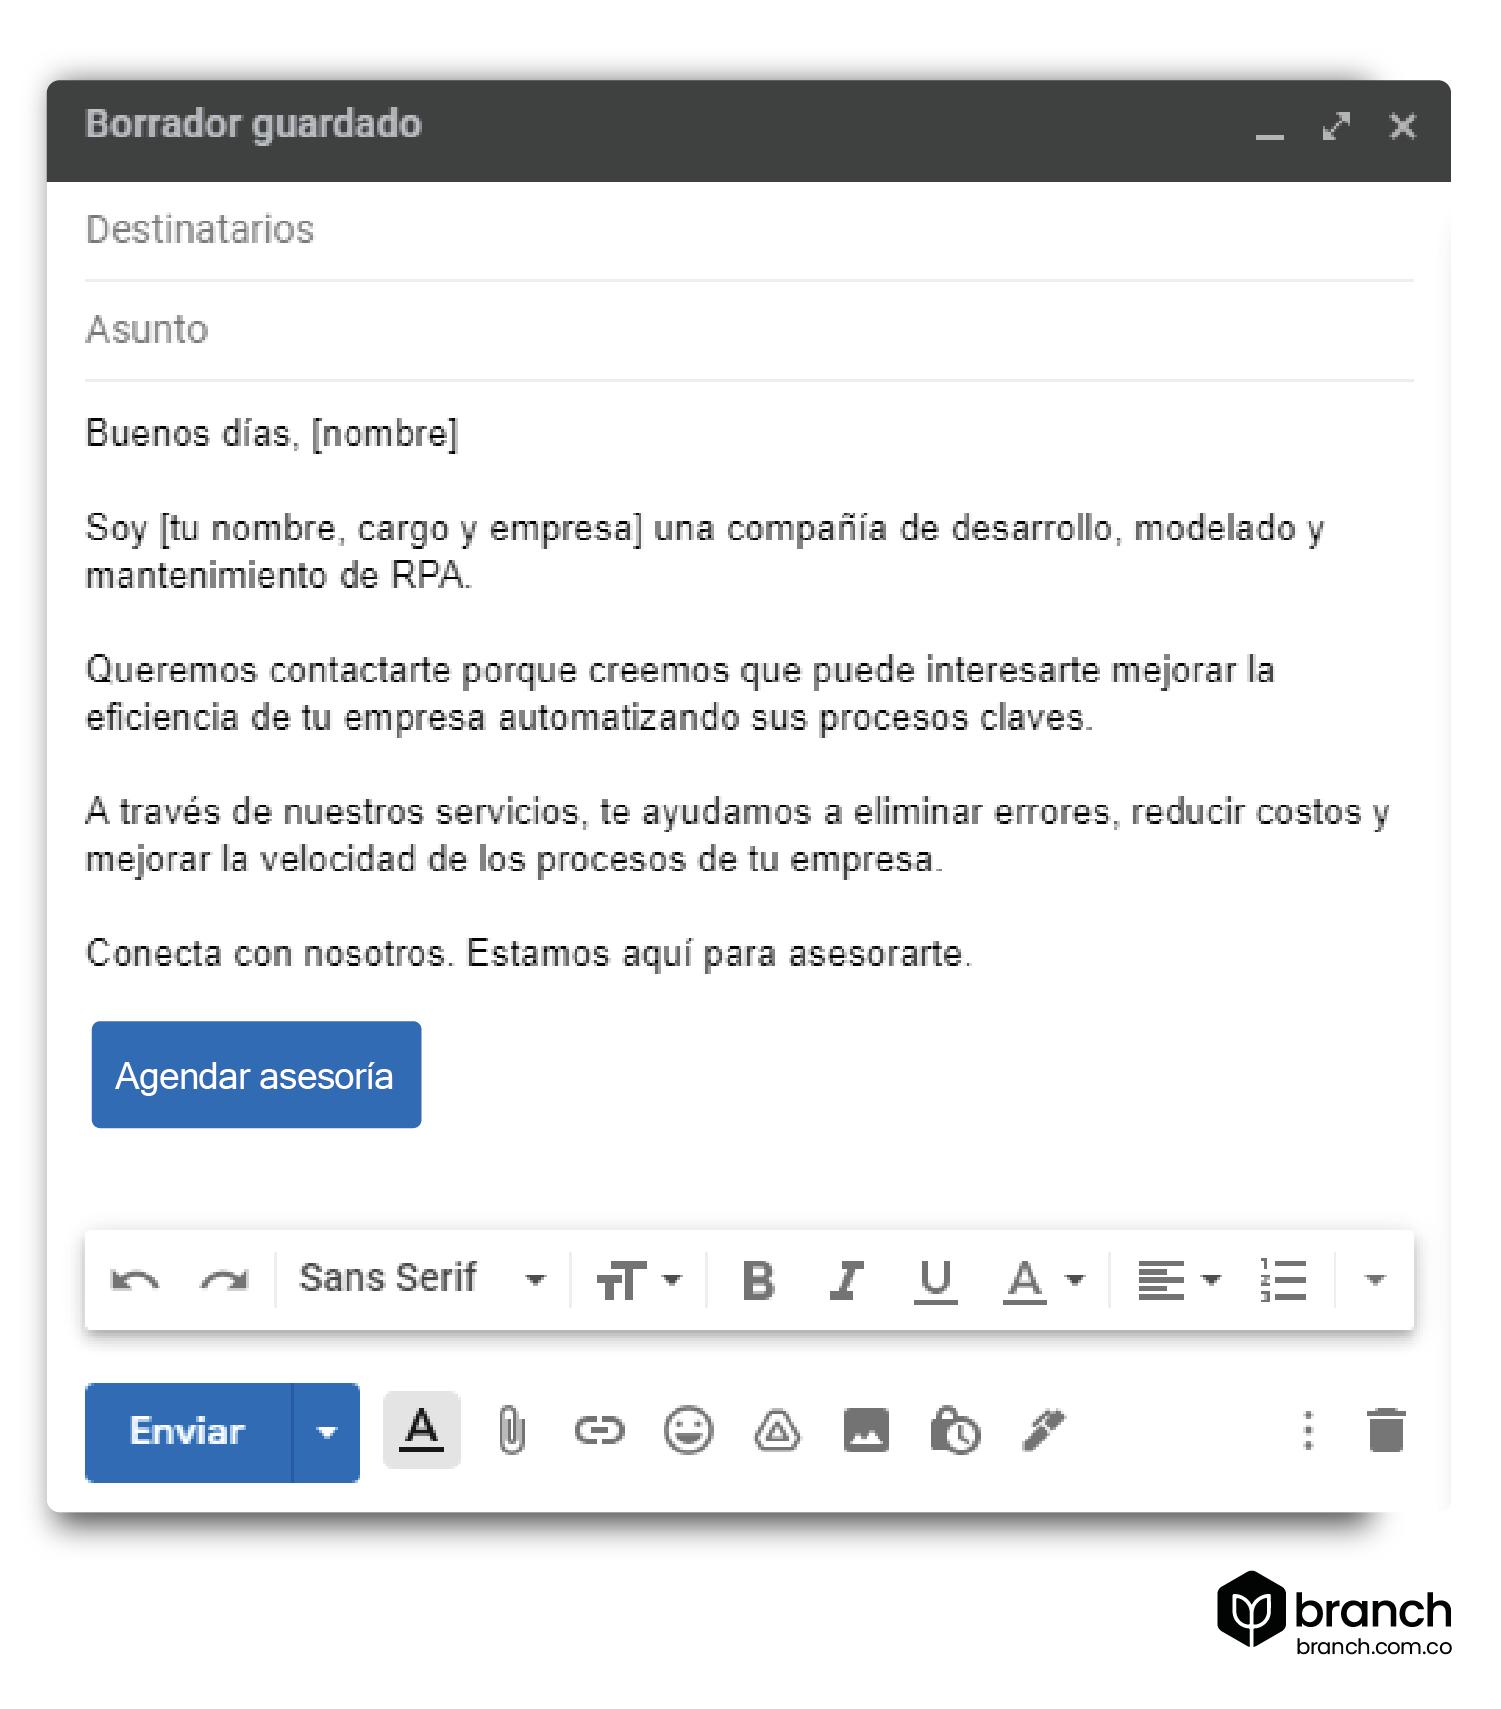 ejemplo-de-correo-con-tenica-de-email-frio-estrella-exaltacion-de-logros